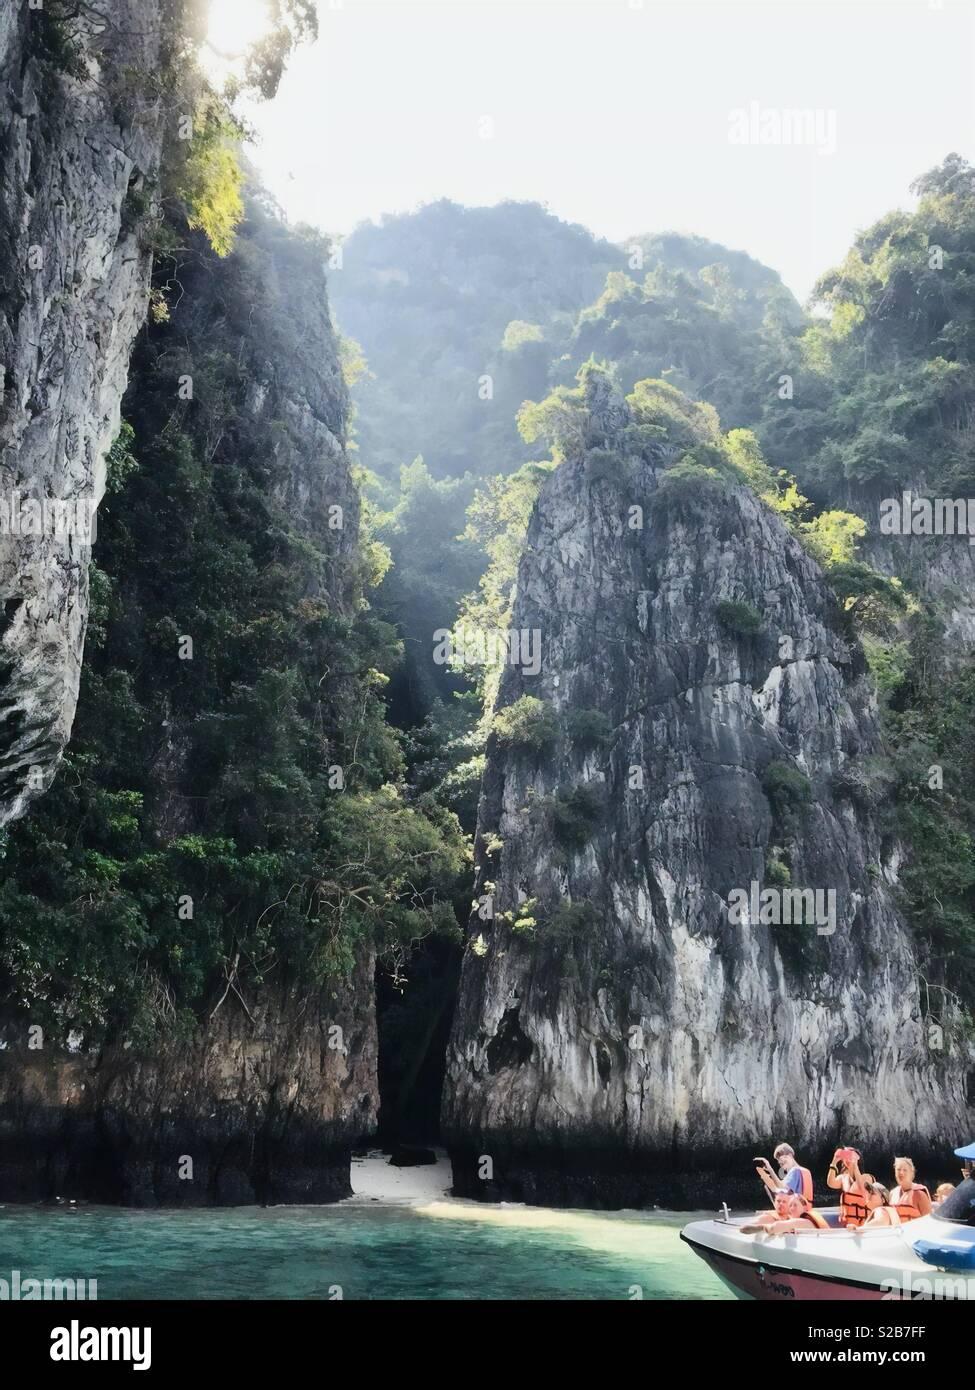 Mis vacaciones en Krabi, Tailandia. Excursión en barco y esas cosas... Foto de stock